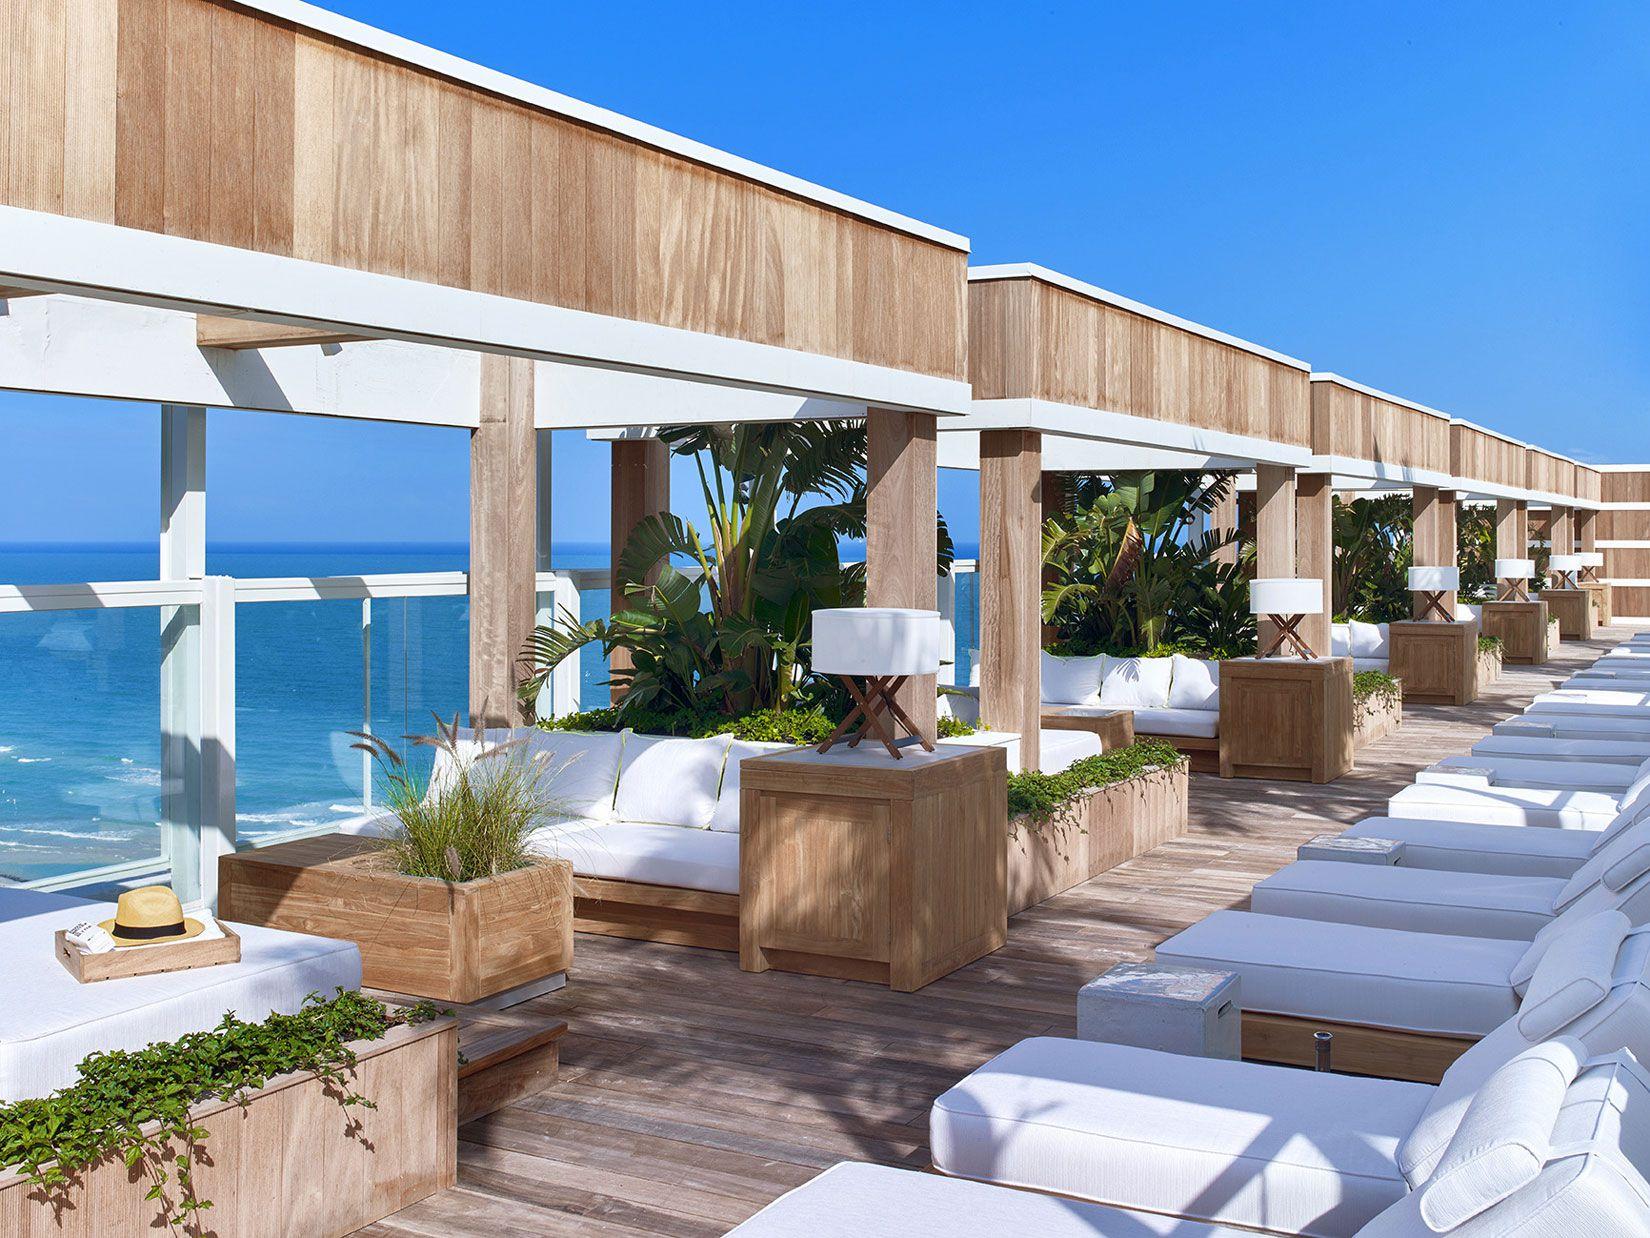 1-Hotel-South-Beach-01